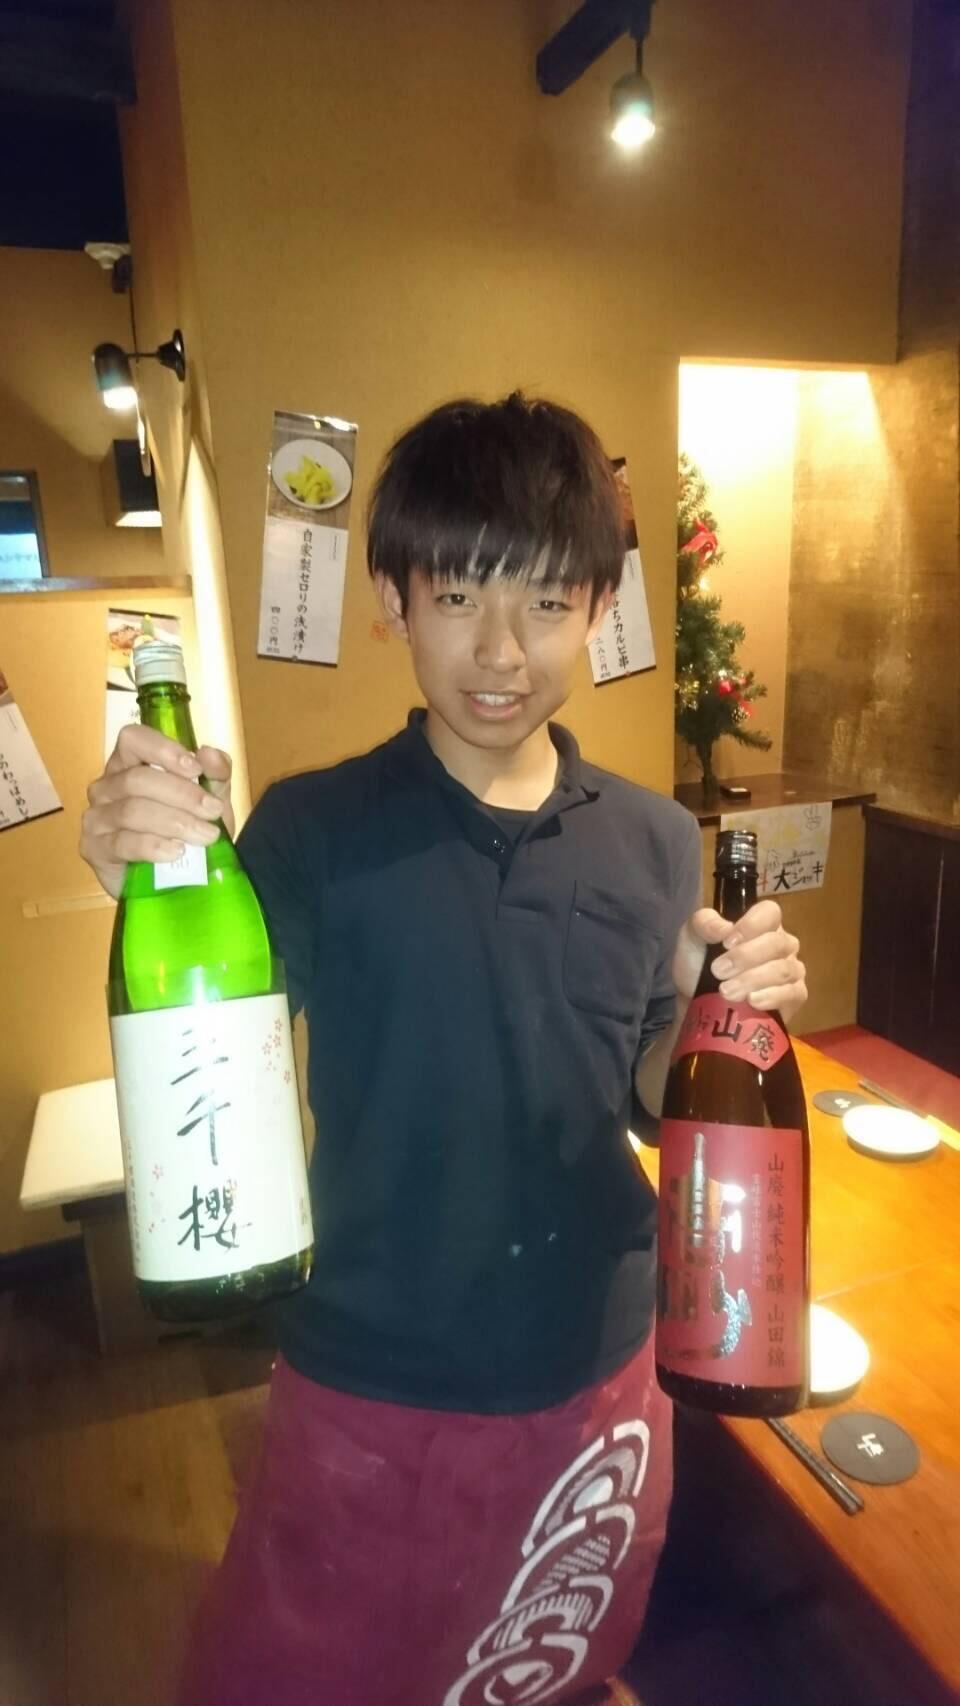 ☆とり鉄Best Staff総選挙2016 ☆エントリーNo61 渡邊 拓海